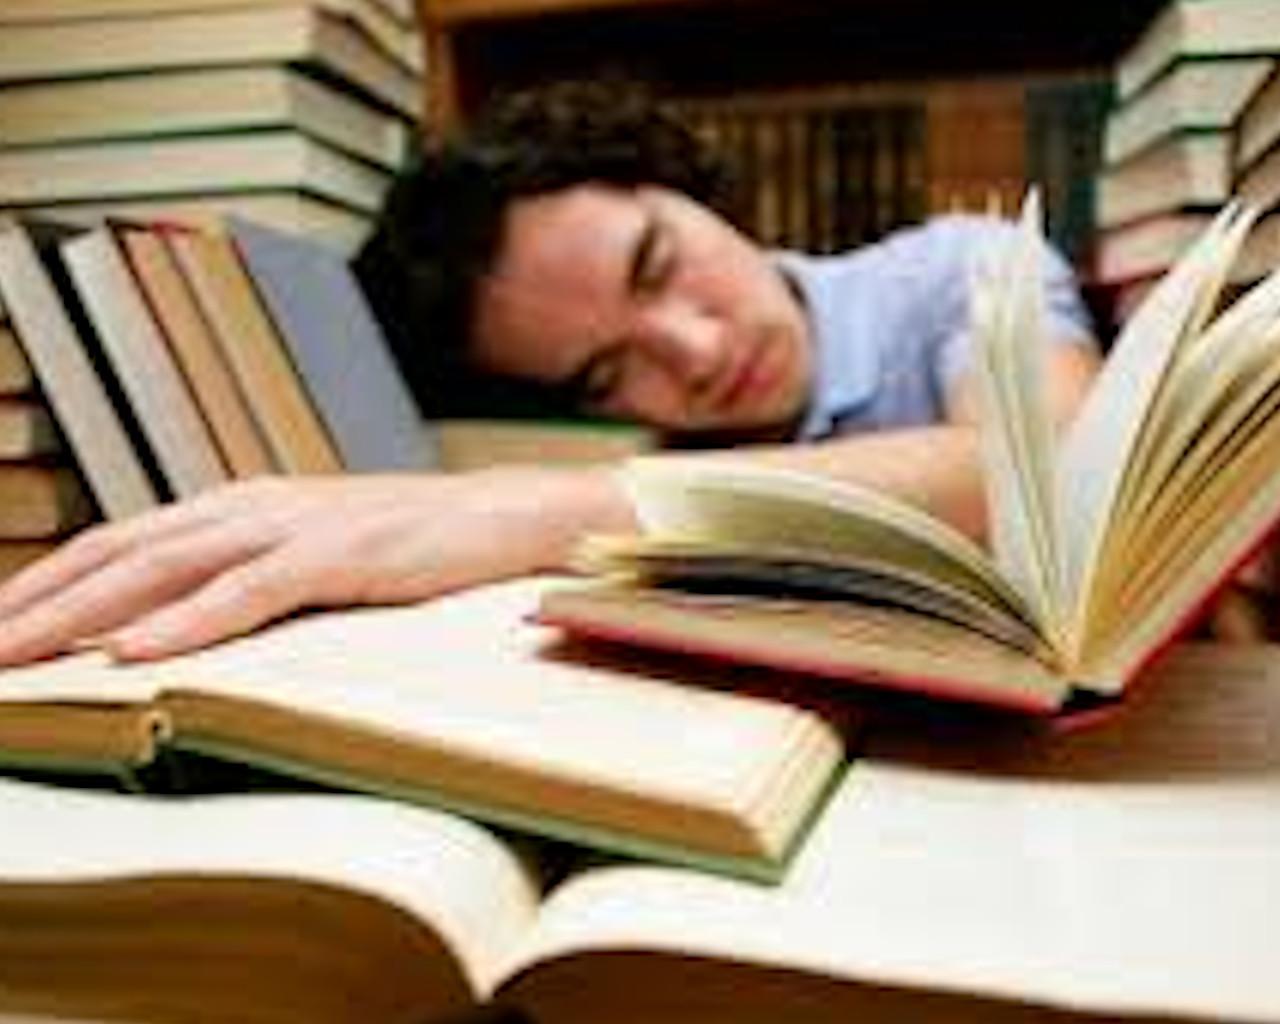 διαβασμα,διαβασμα χεριου δωρεαν,διαβασμα α δημοτικου,διαβασμα φλυτζανιου,διαβασμα μικρου σεριφη,διαβασμα καφε,διαβασμα χεριου,διαβασμα εικονασ,διαβασμα για πανελληνιεσ